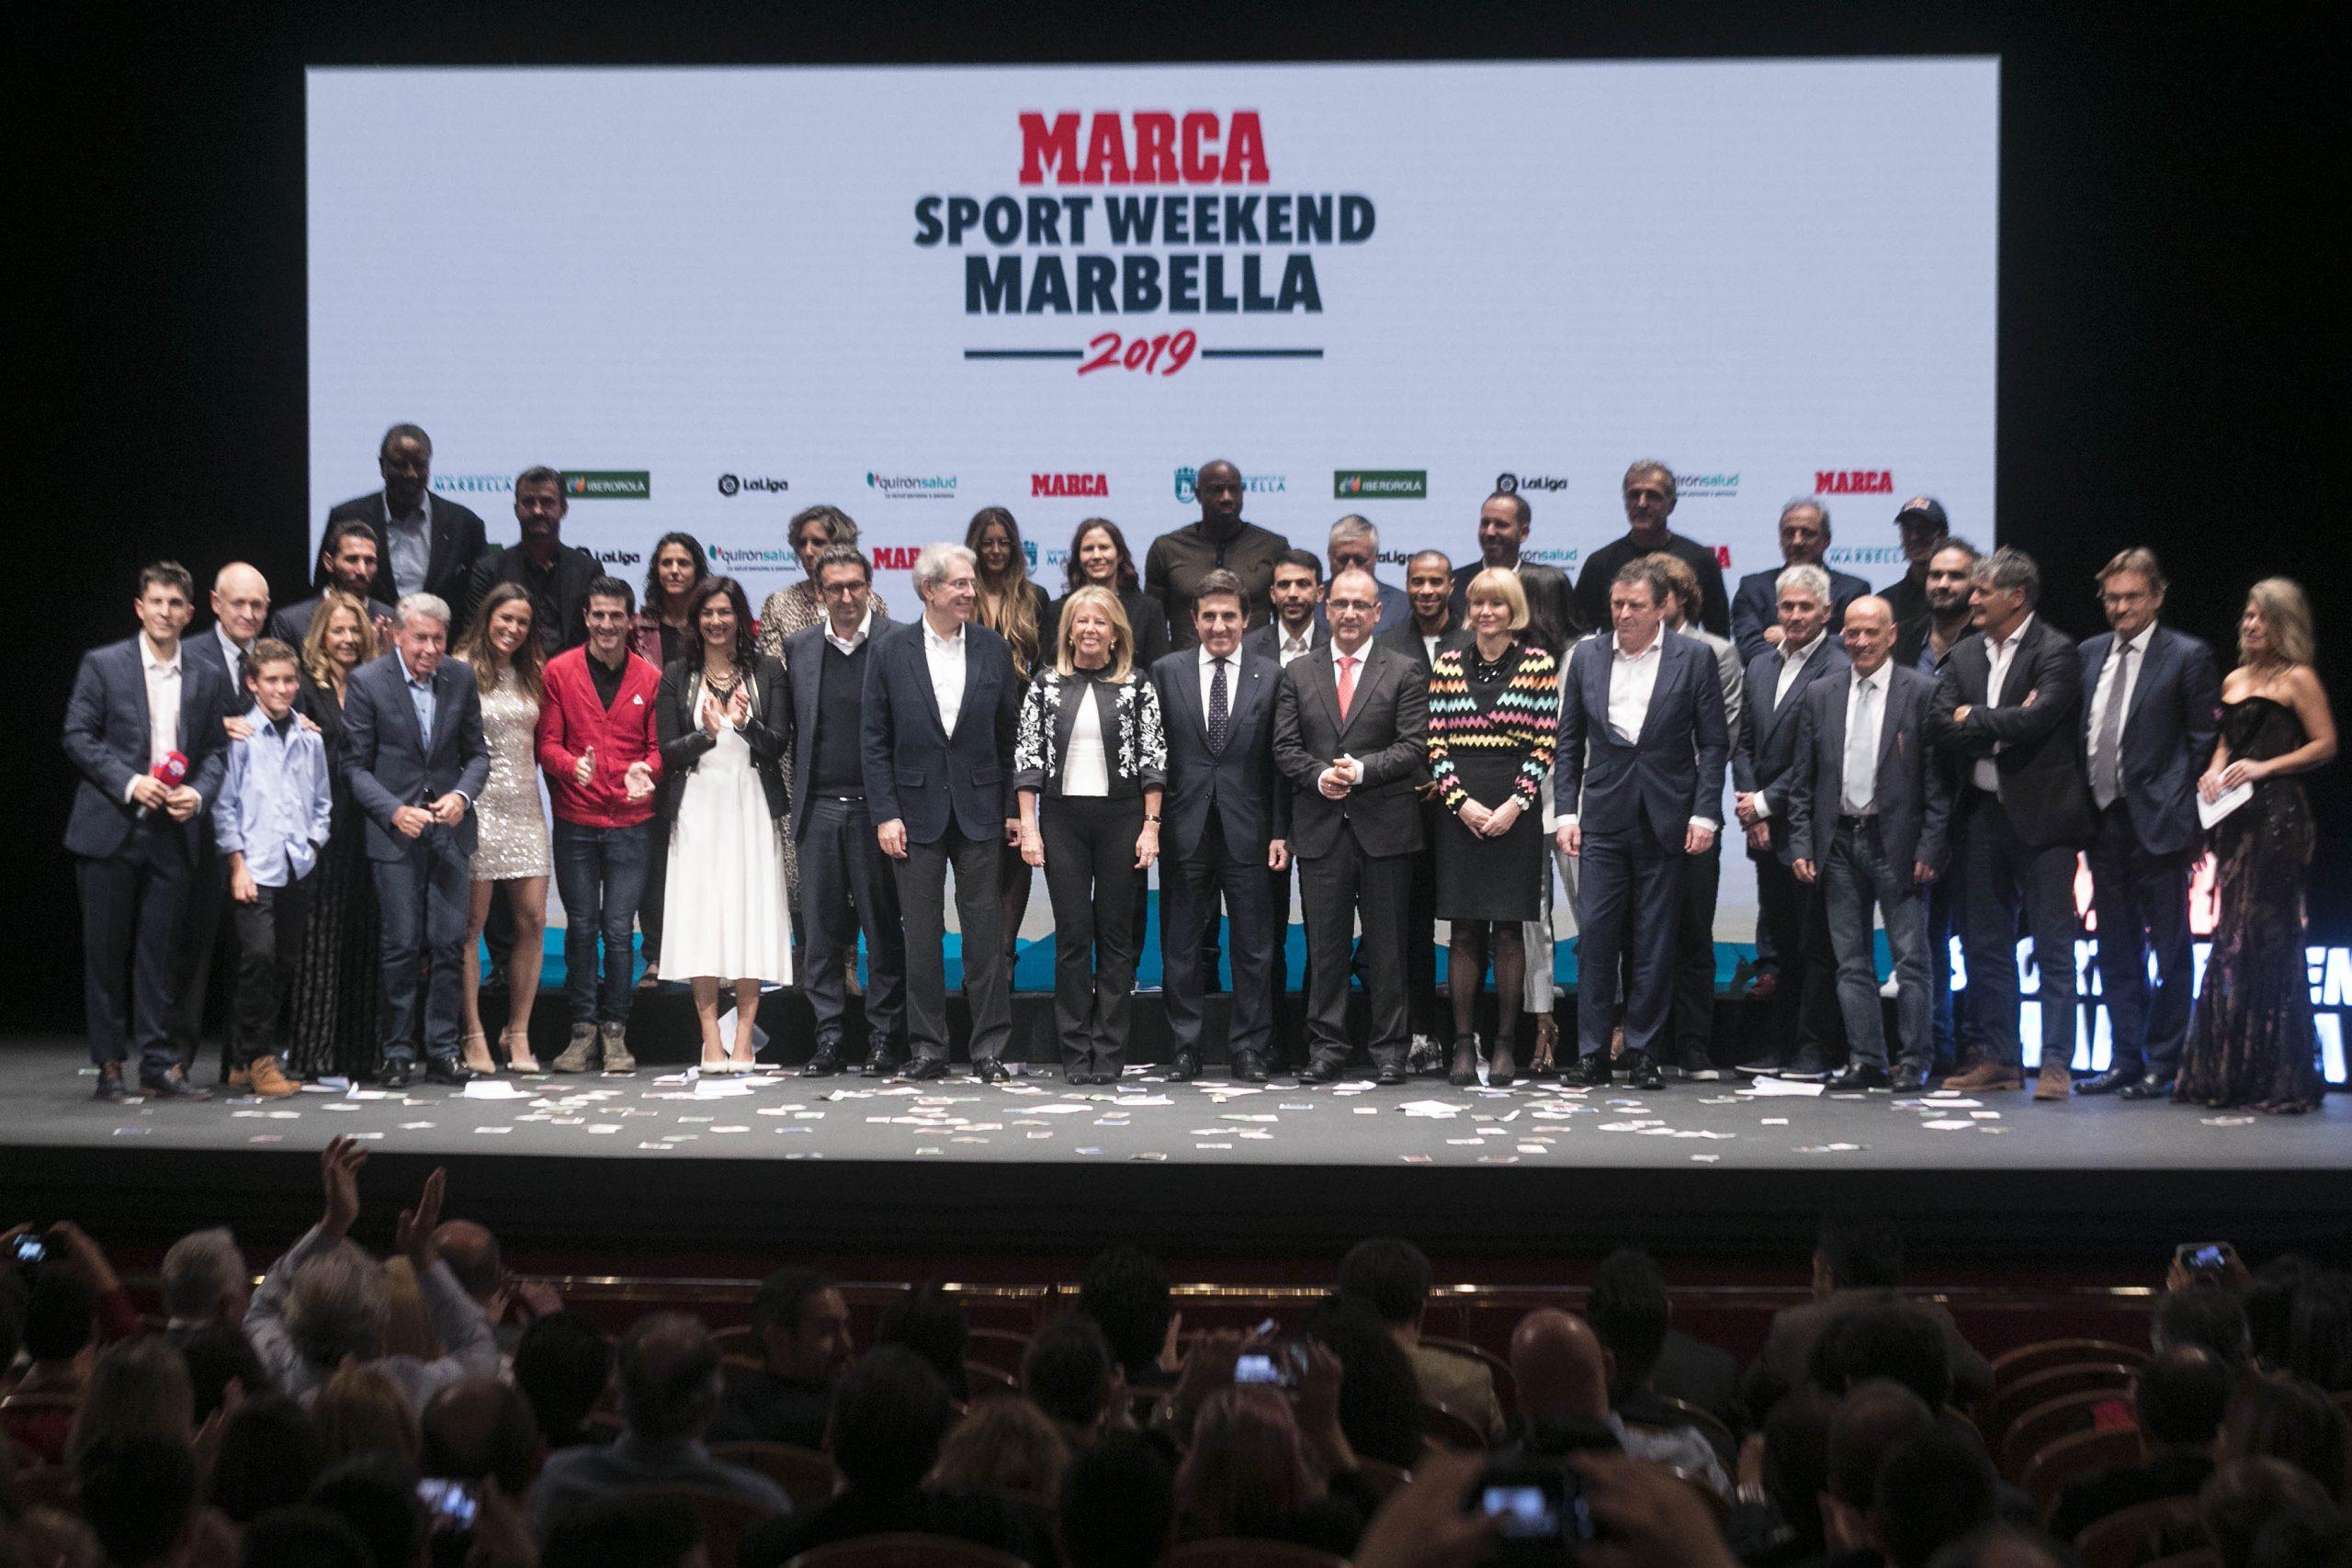 La Gala del 'Marca Sport Weekend Marbella' reúne a profesionales y leyendas del deporte